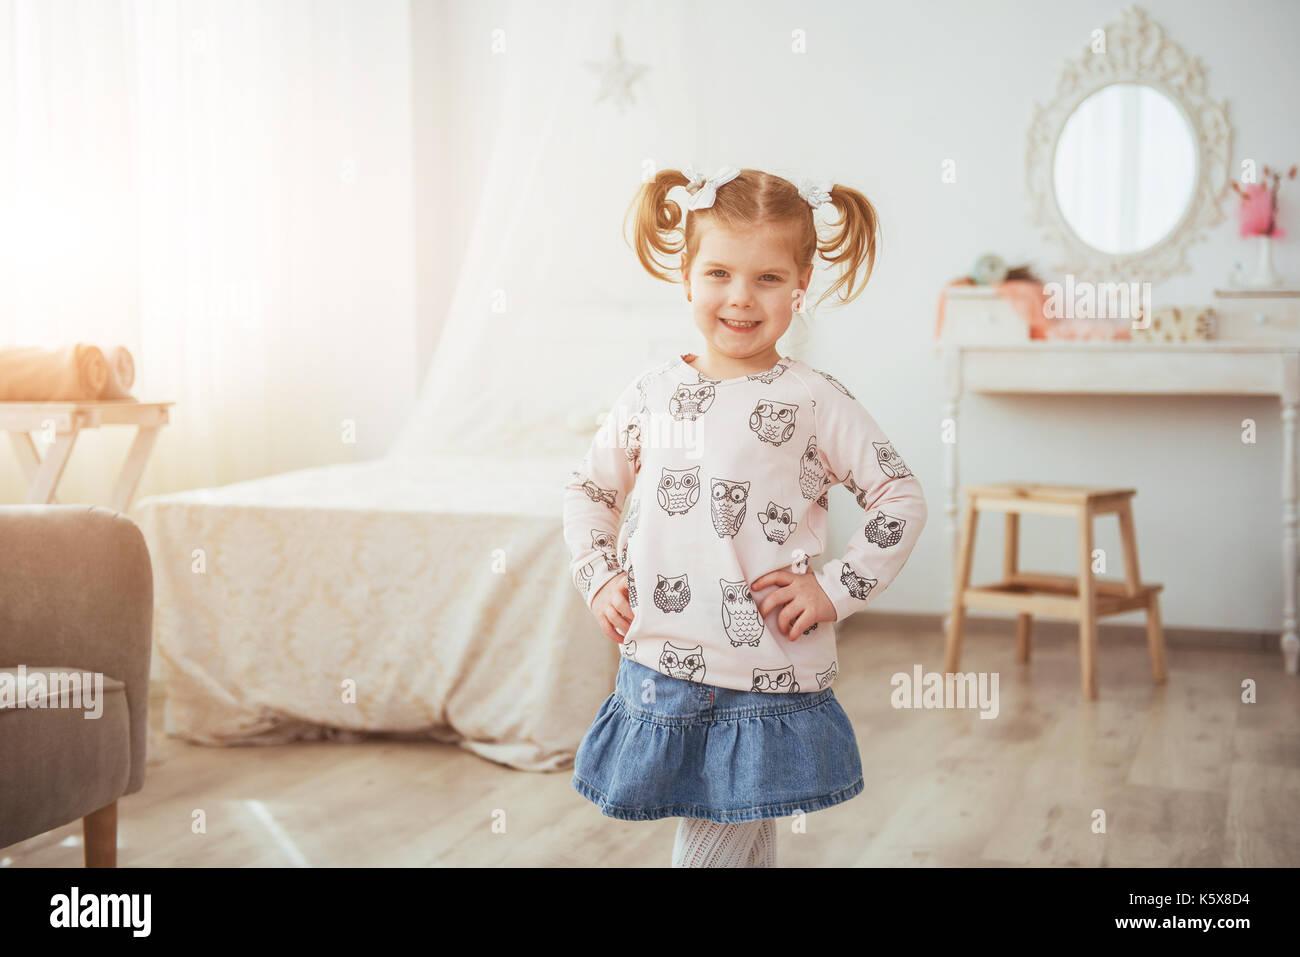 Faccia felice divertente bambina. in una sala luminosa Immagini Stock